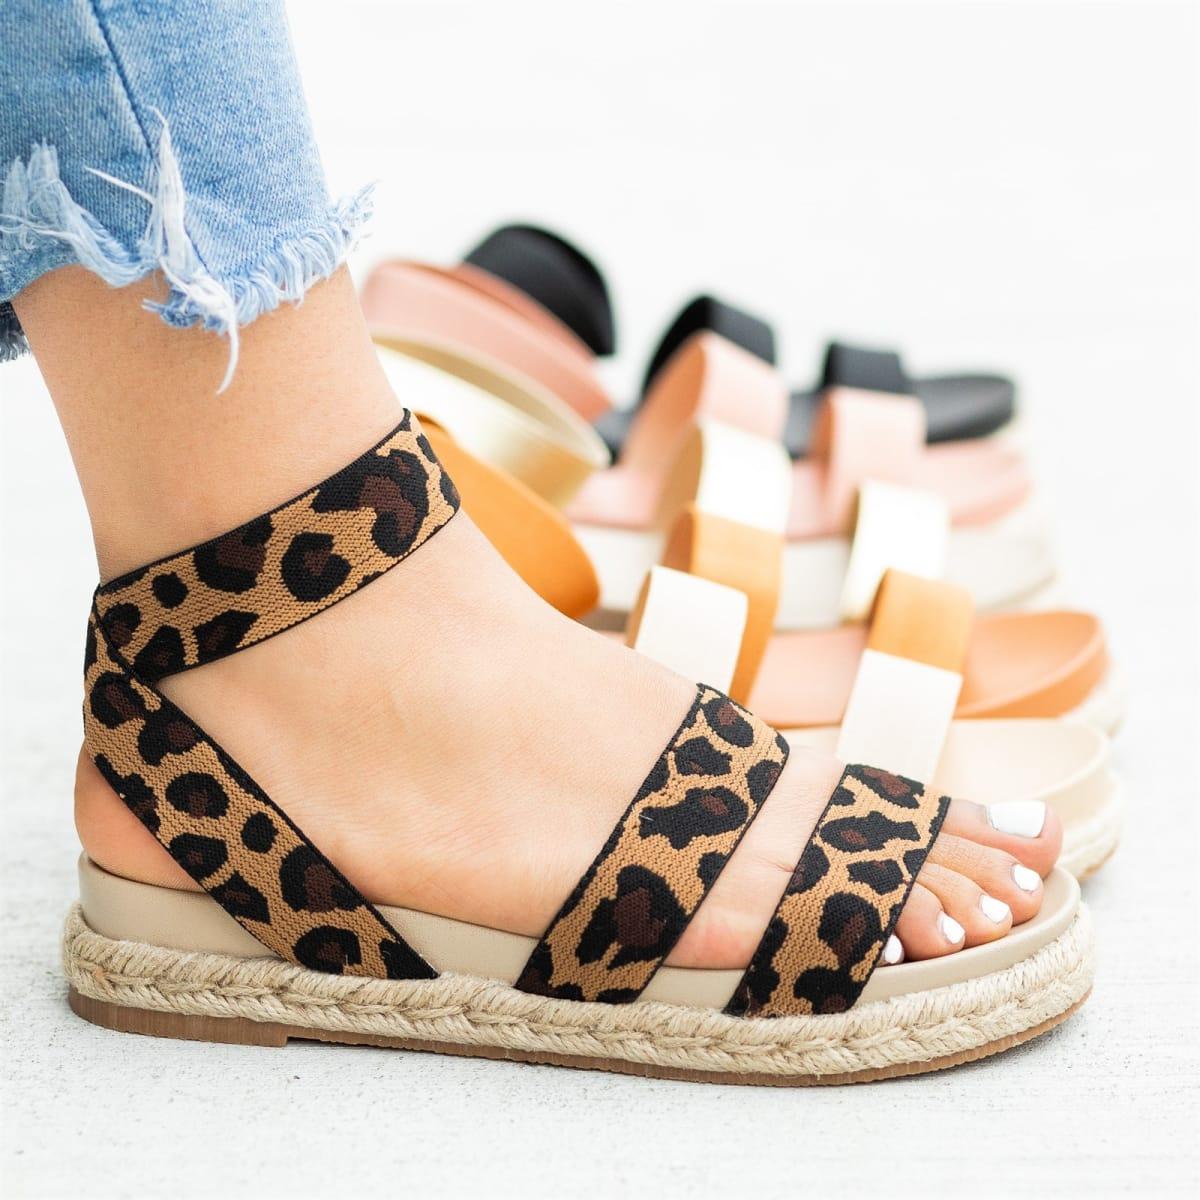 Chic Espadrille Chic Elastic Espadrille Chic Sandals Elastic Sandals qMGzpLVSU